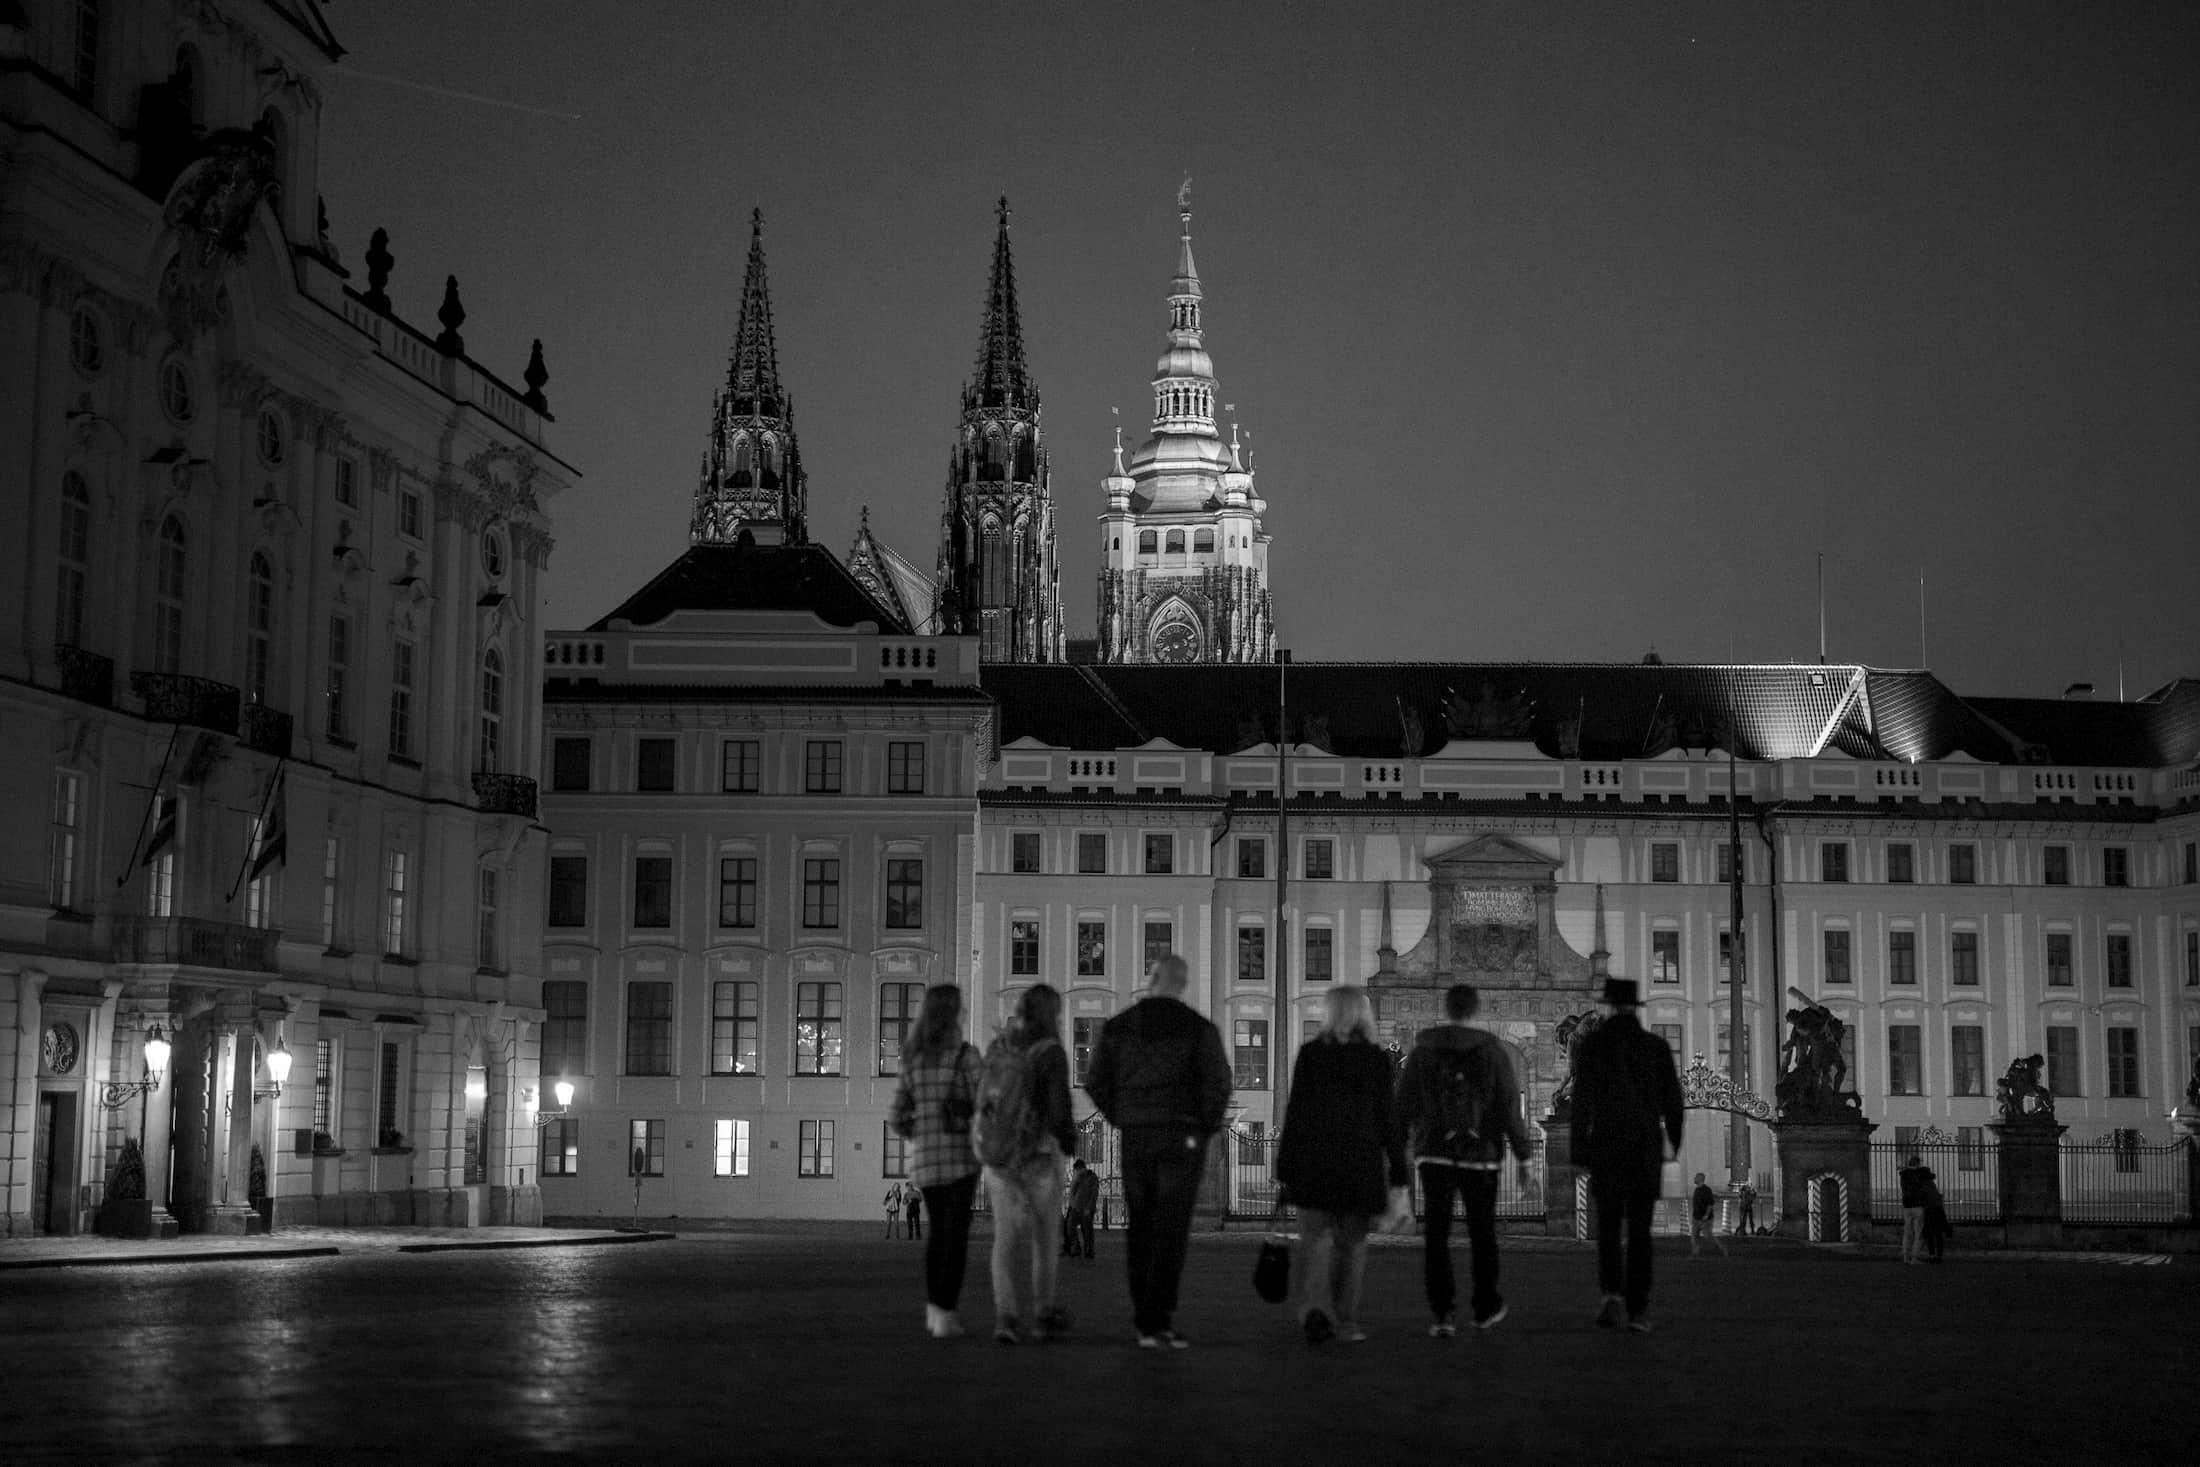 Prague-Castle-Night-Tour-18-1-1